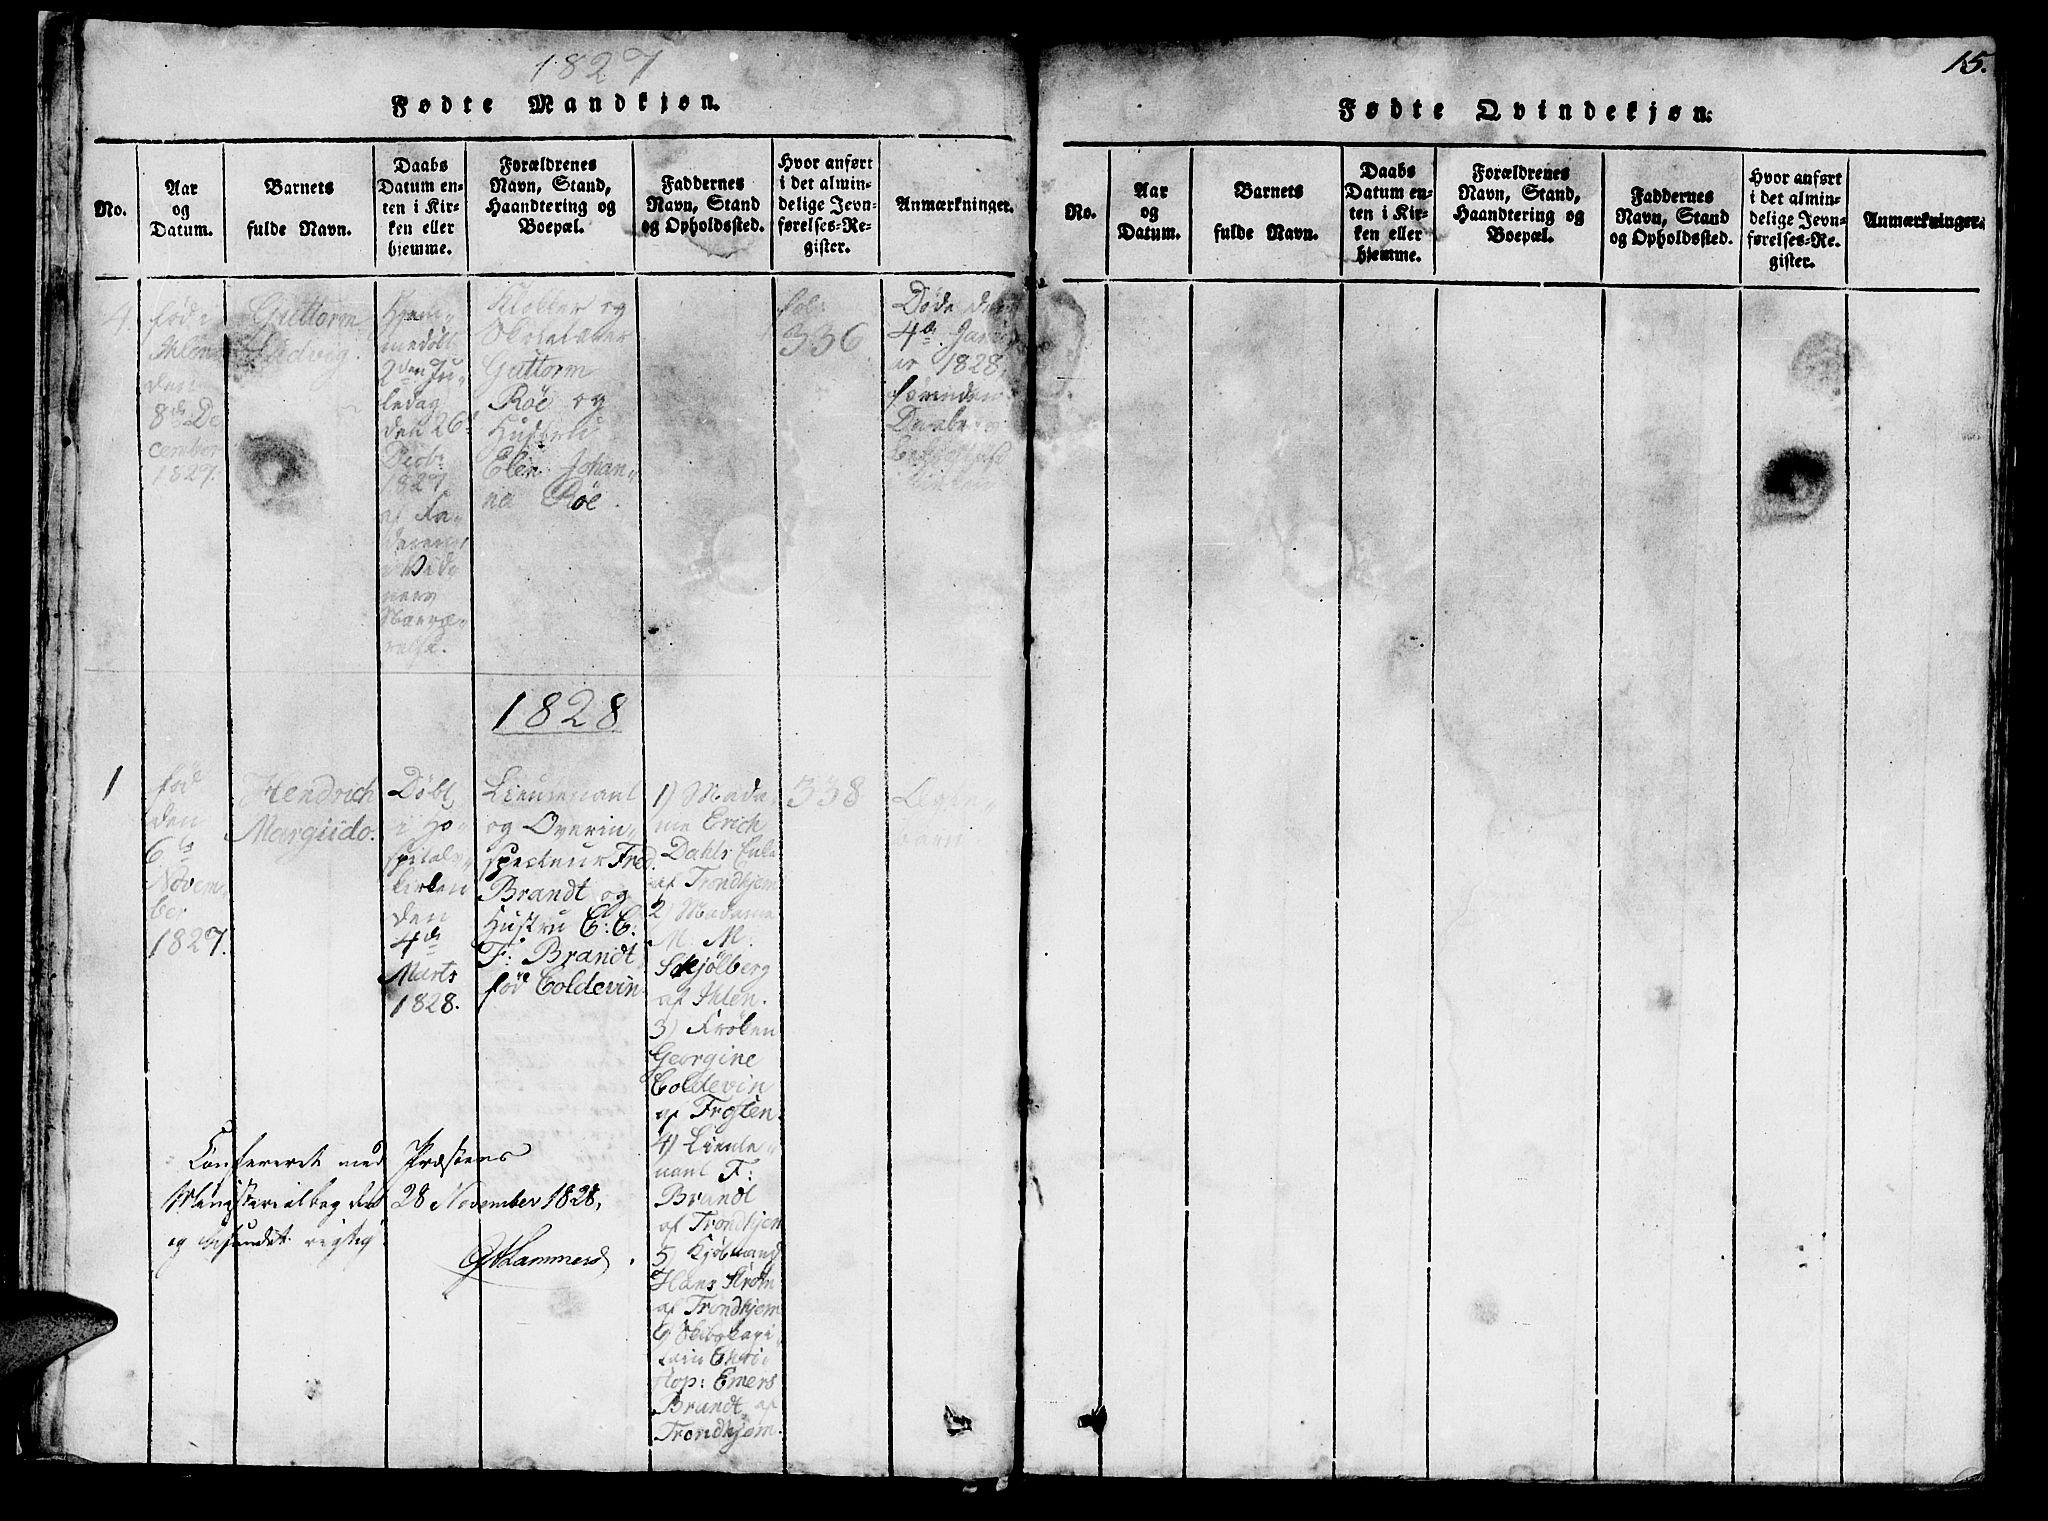 SAT, Ministerialprotokoller, klokkerbøker og fødselsregistre - Sør-Trøndelag, 623/L0478: Klokkerbok nr. 623C01, 1815-1873, s. 15